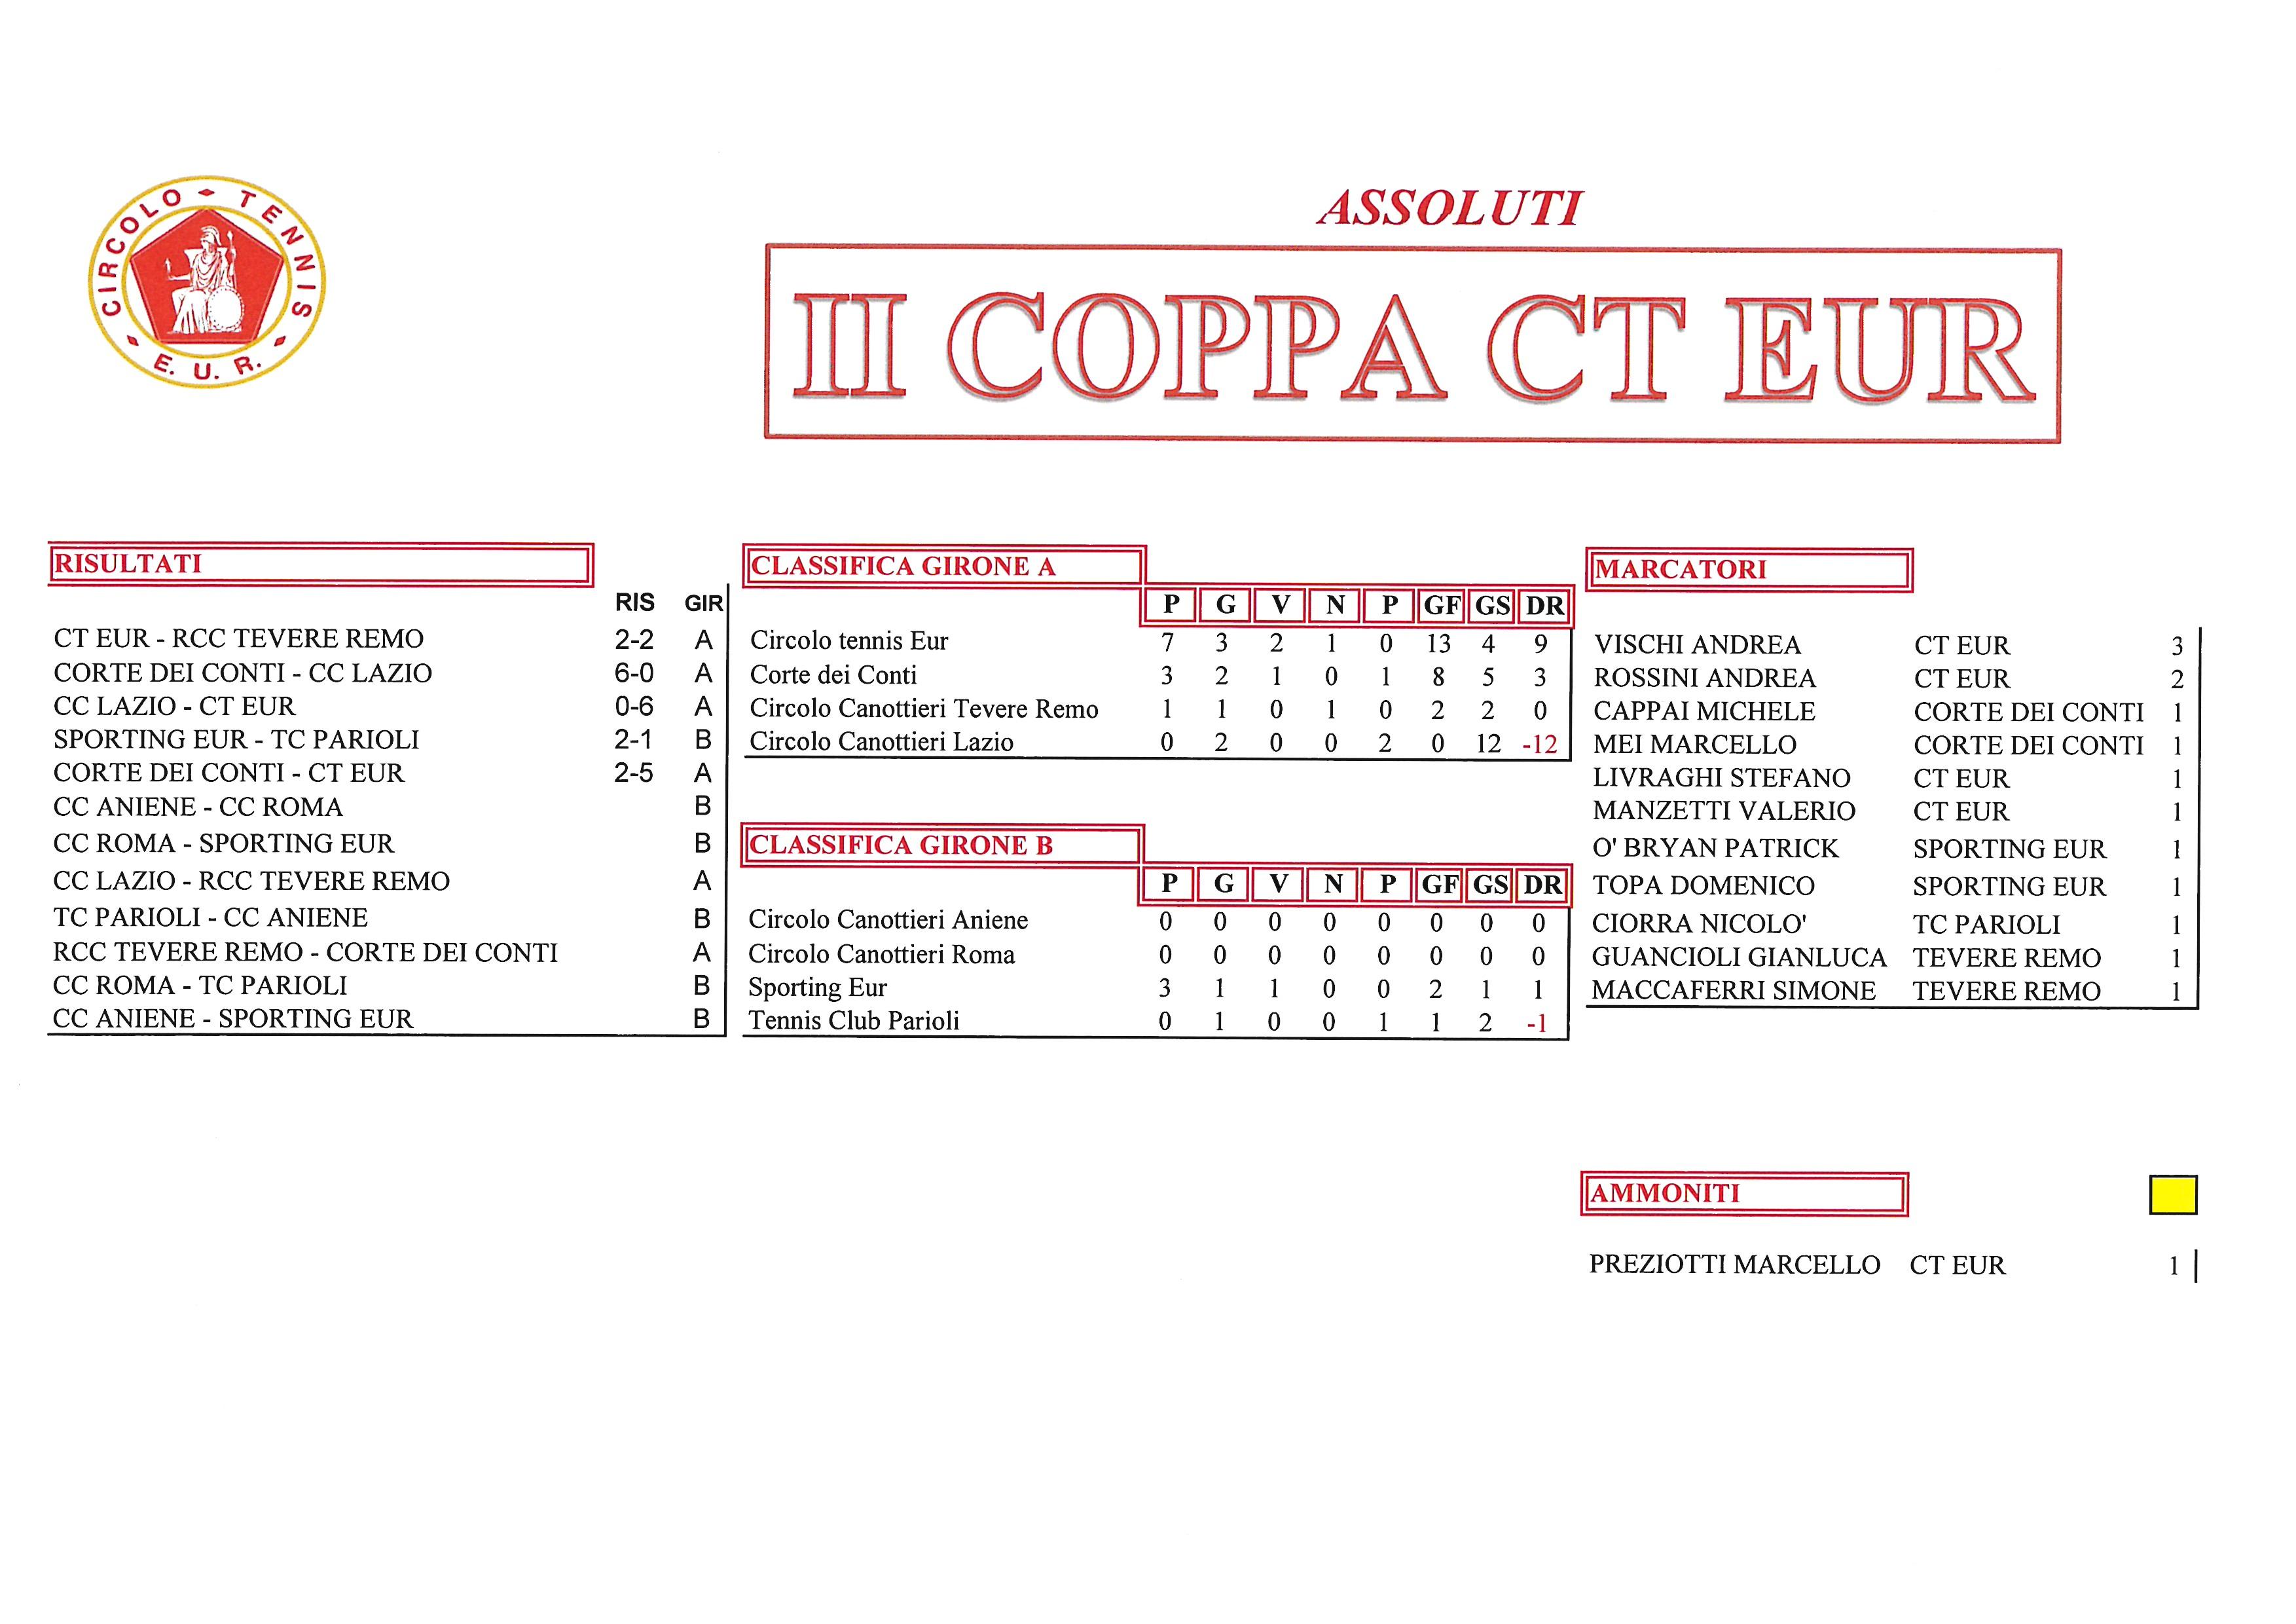 Coppa-CT-Eur-risultati-del-25-settembre2017-Assoluti.